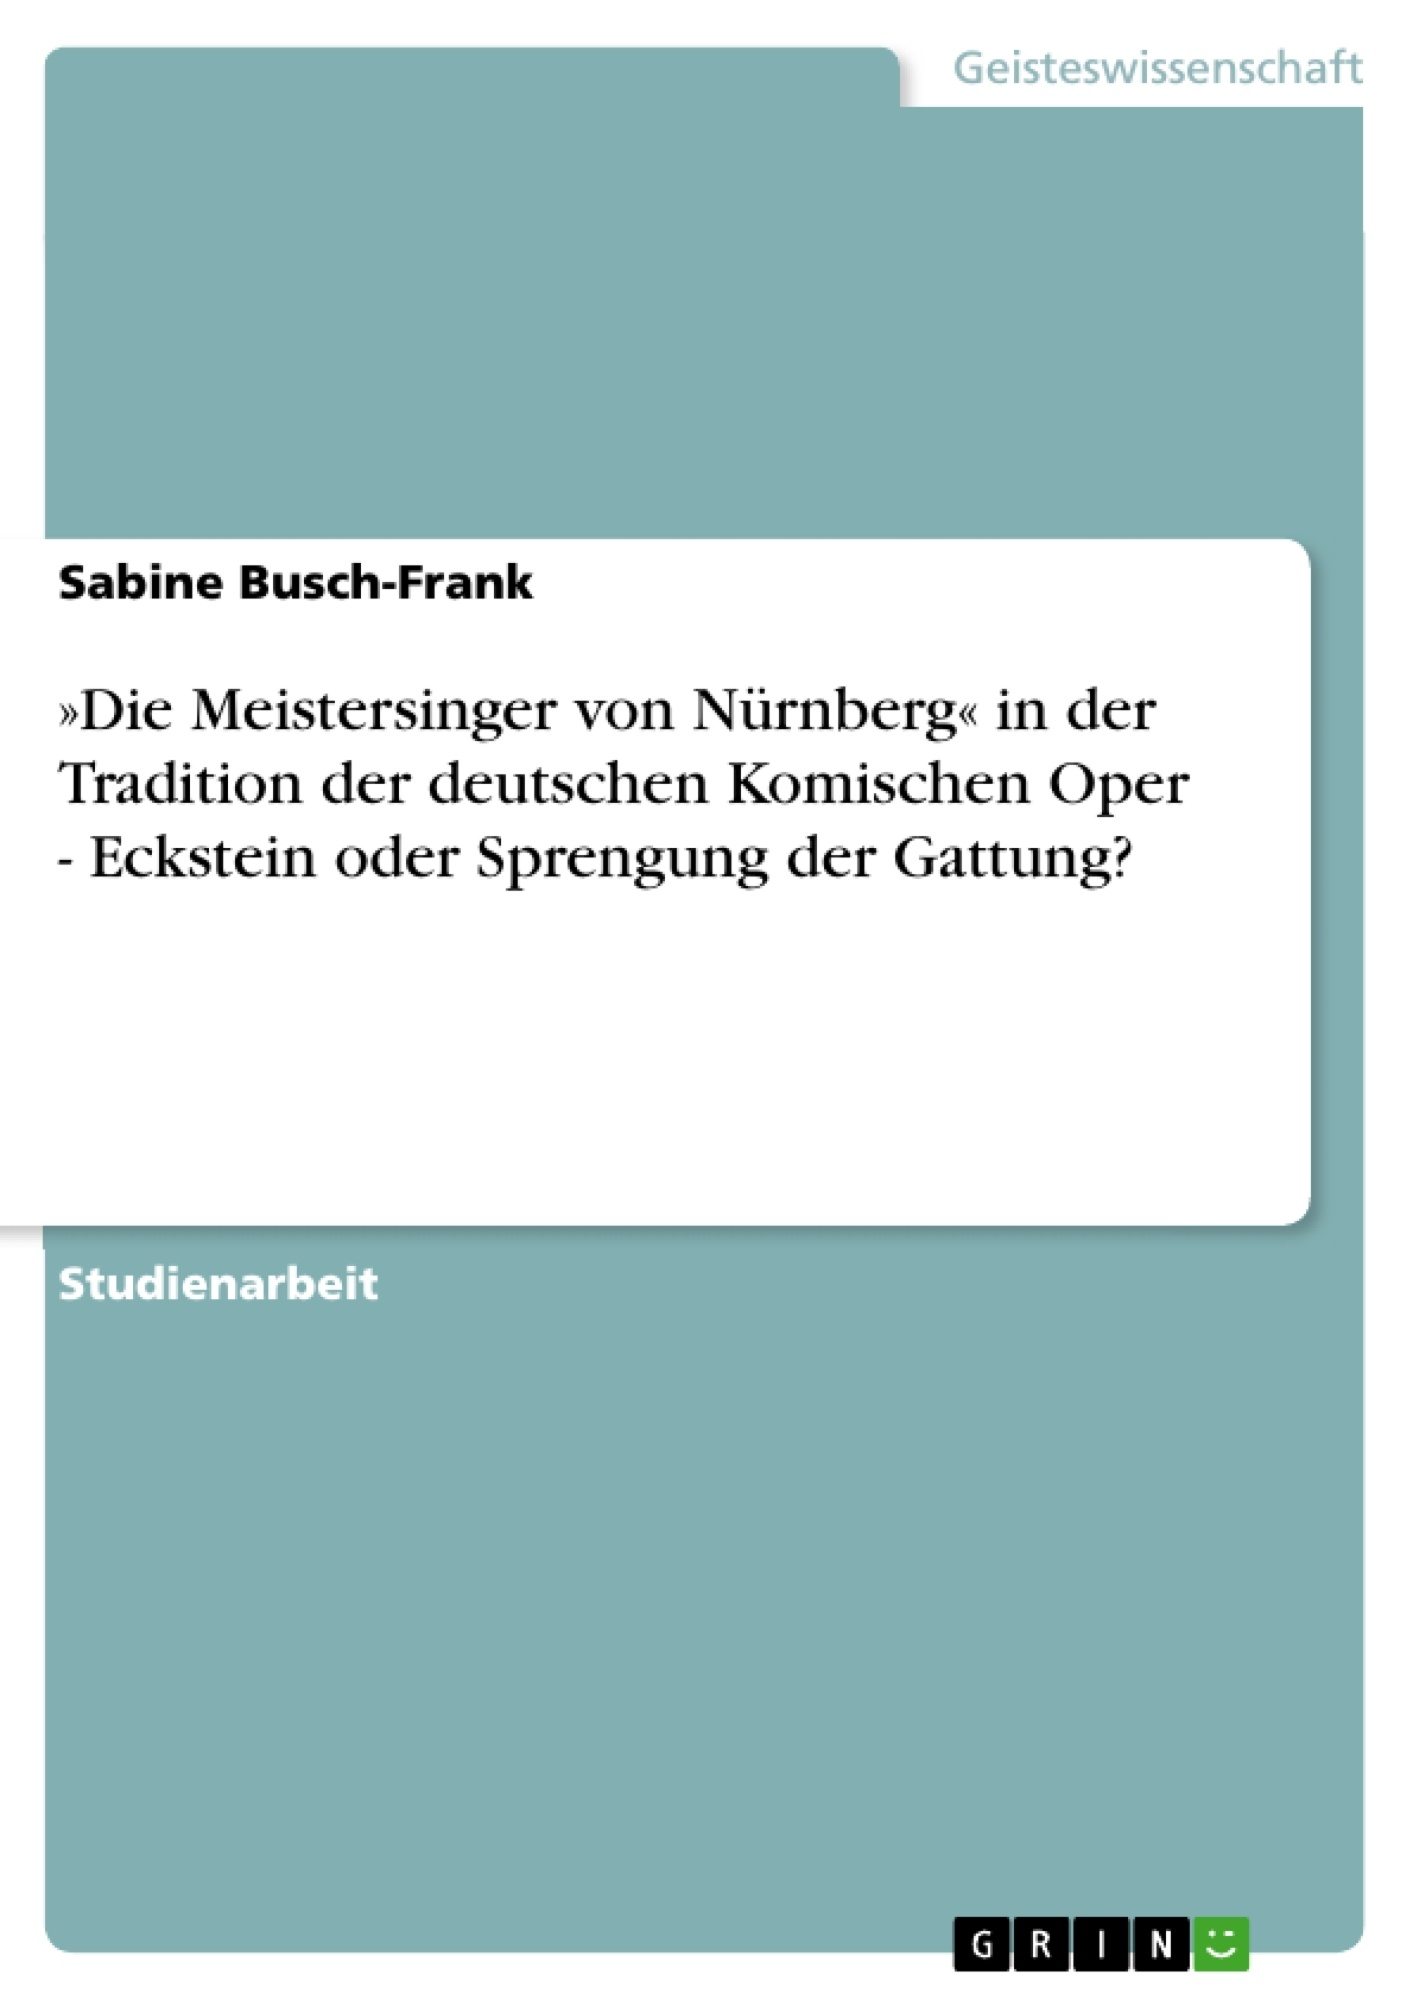 Titel: »Die Meistersinger von Nürnberg« in der Tradition der deutschen Komischen Oper - Eckstein oder Sprengung der Gattung?